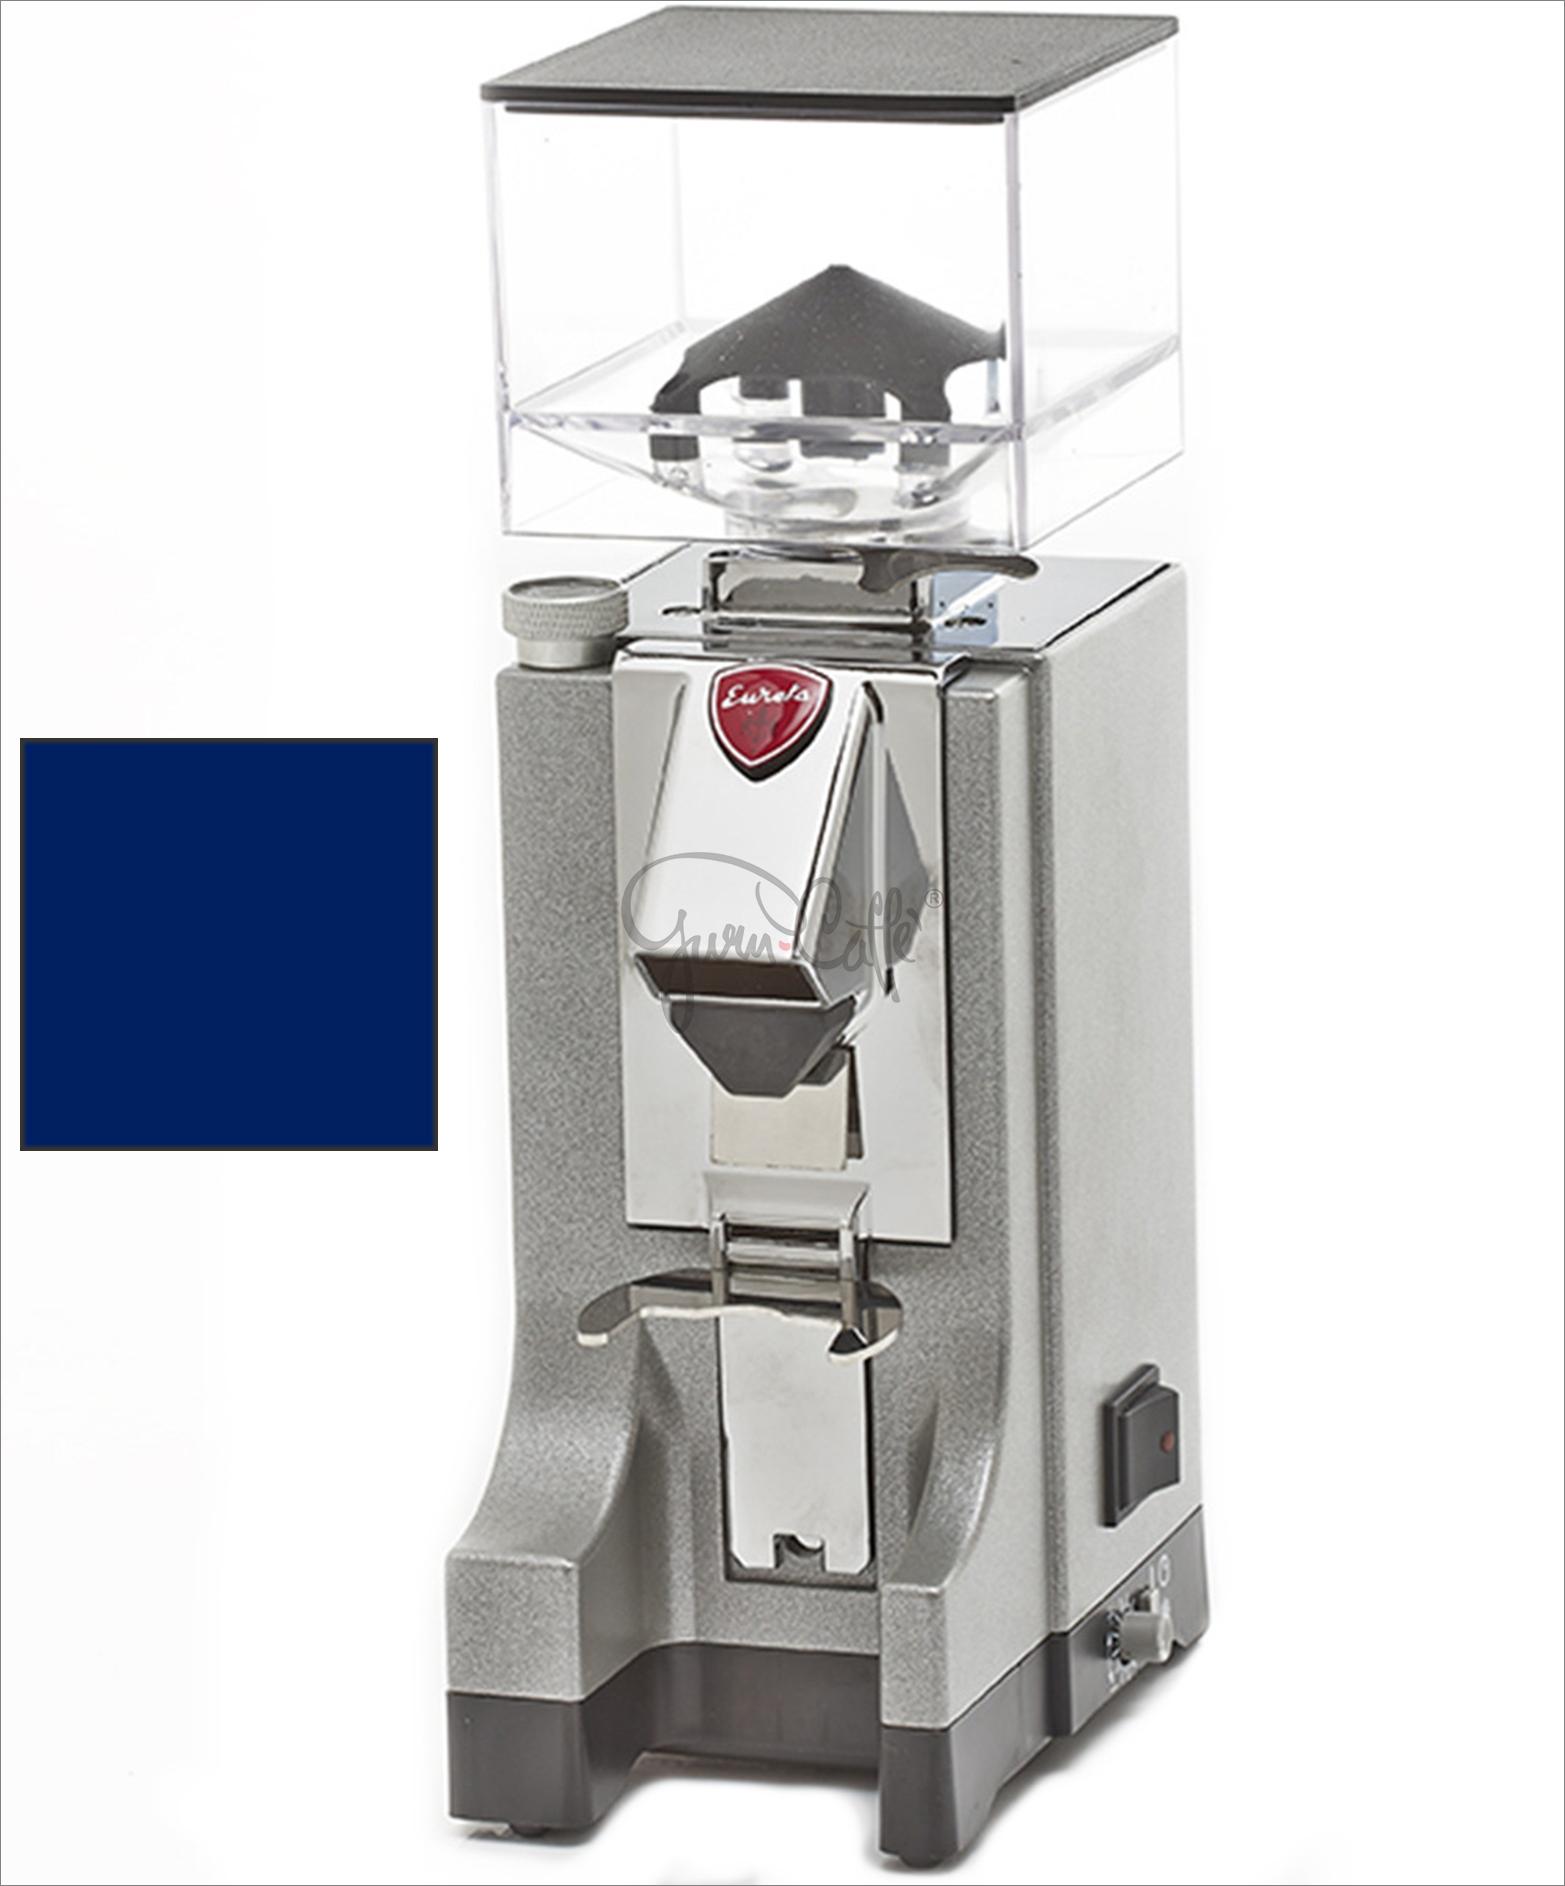 EUREKA Mignon Instantaneo - profesionální přímý mlýnek na kávu - barva Modrá Blu, verze manuál bez časovače